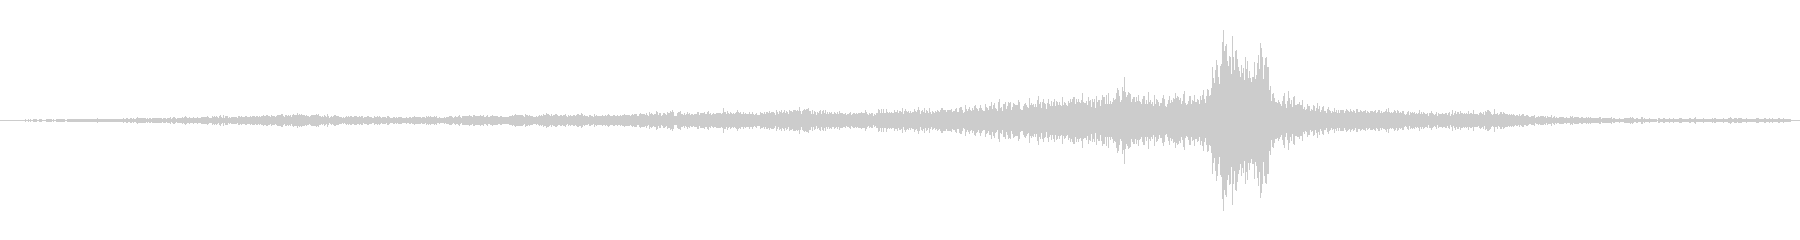 フォルクスワーゲンビートル:ガレー...の未再生の波形